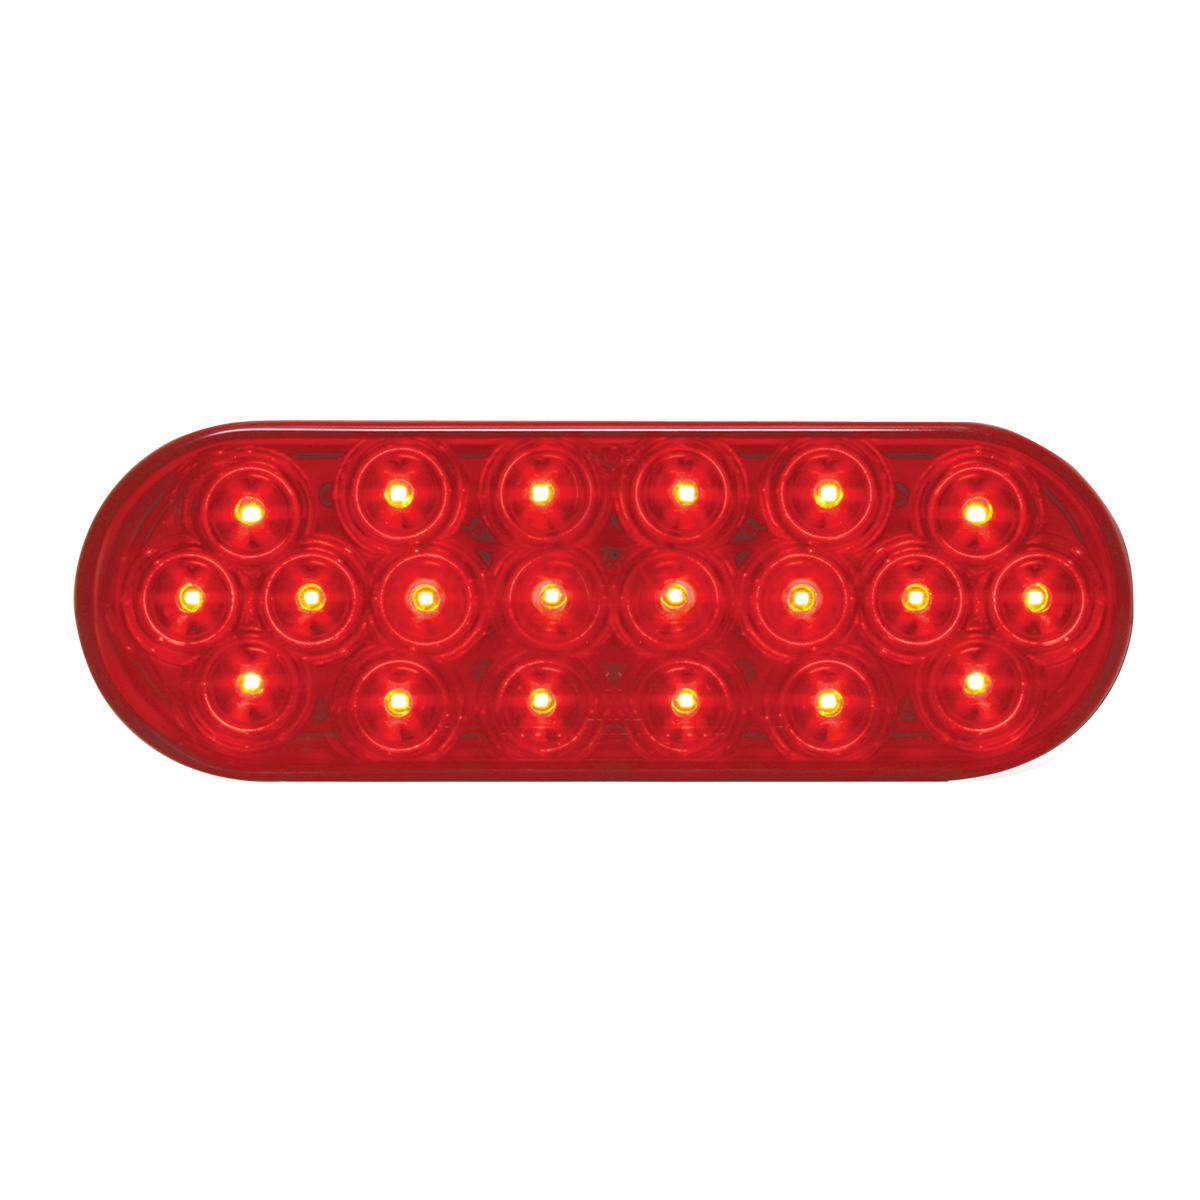 75081 24V Oval Fleet LED Light